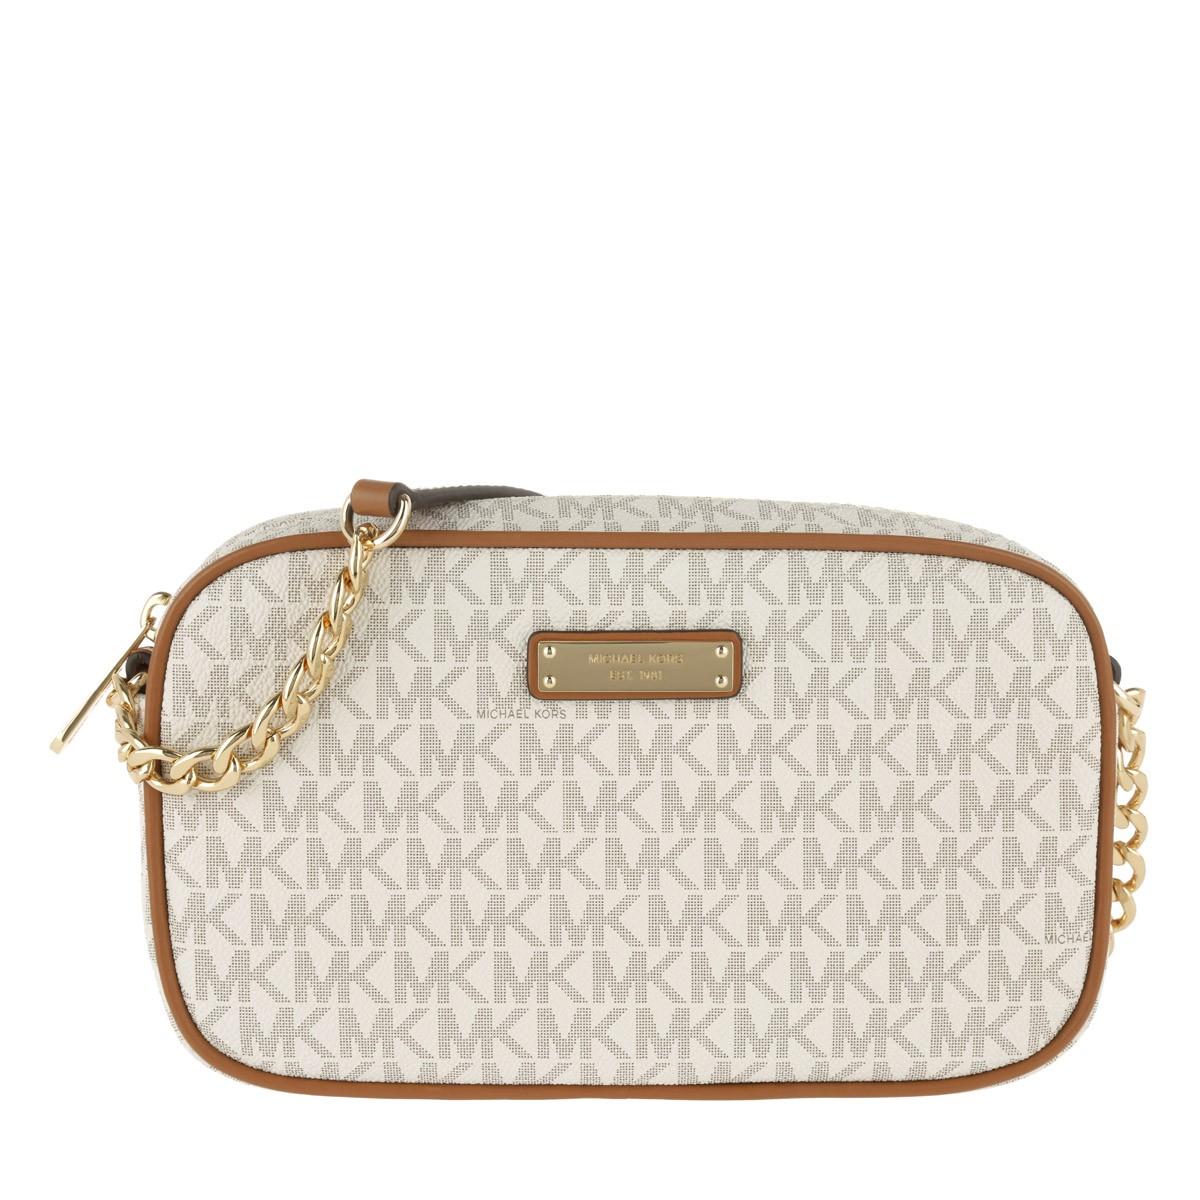 Michael Kors Umhängetasche - MD EW Crossbody Bag Vanilla - in beige - für Damen